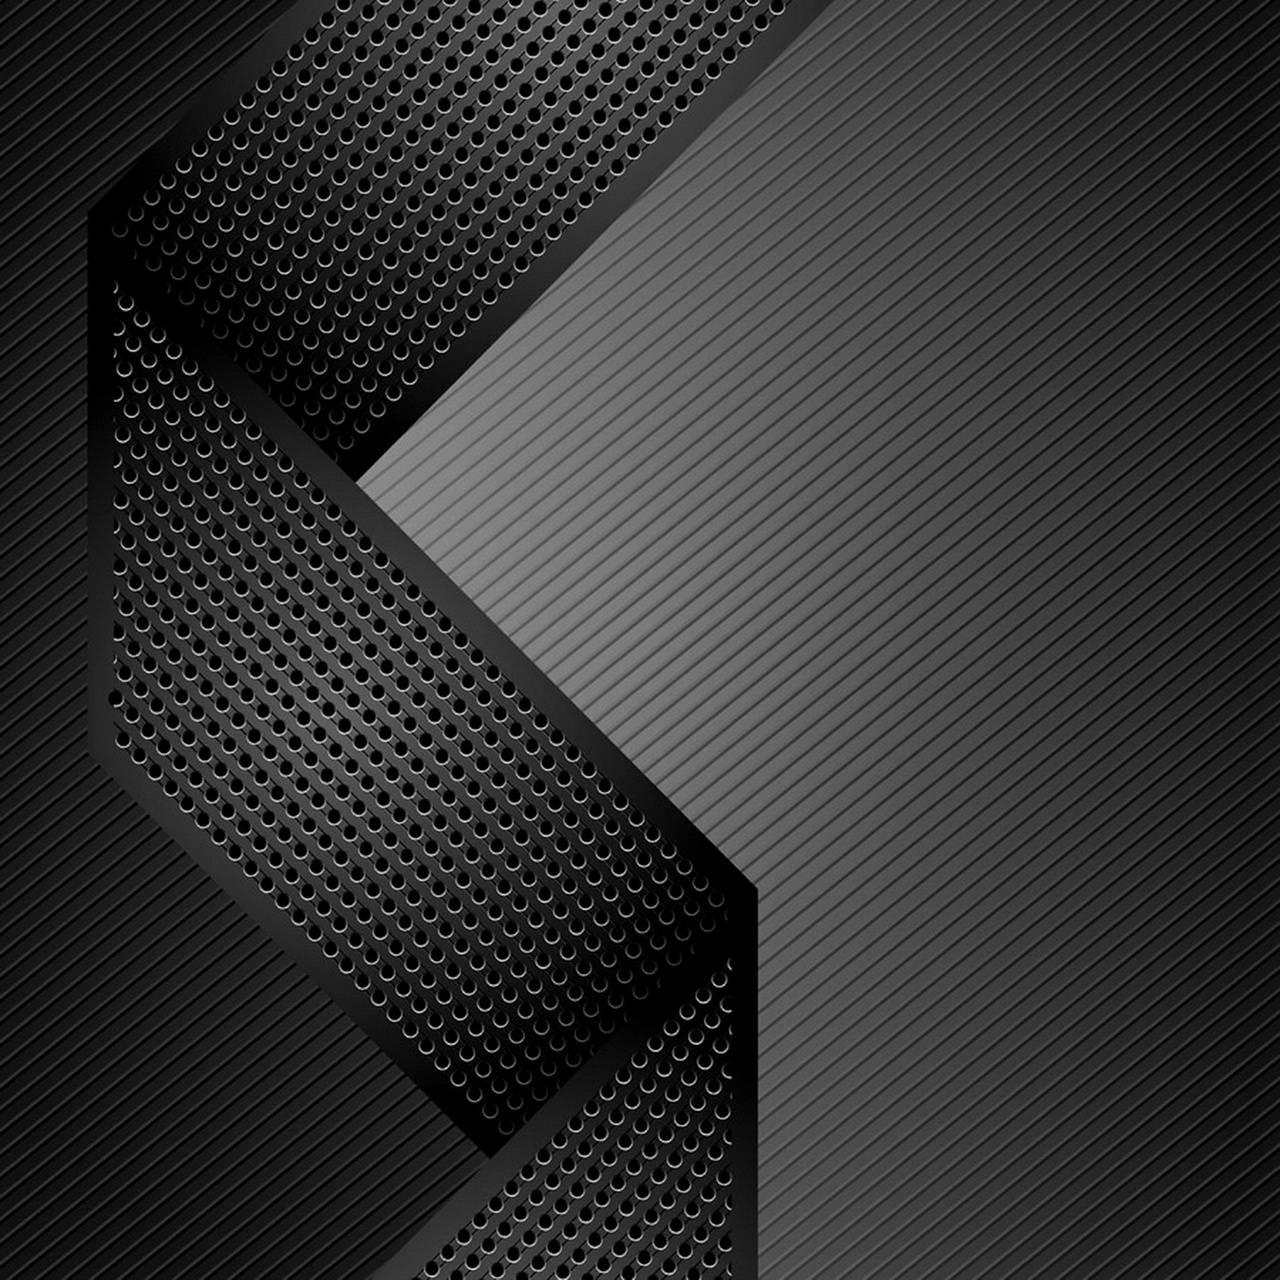 Design Metal Pattern